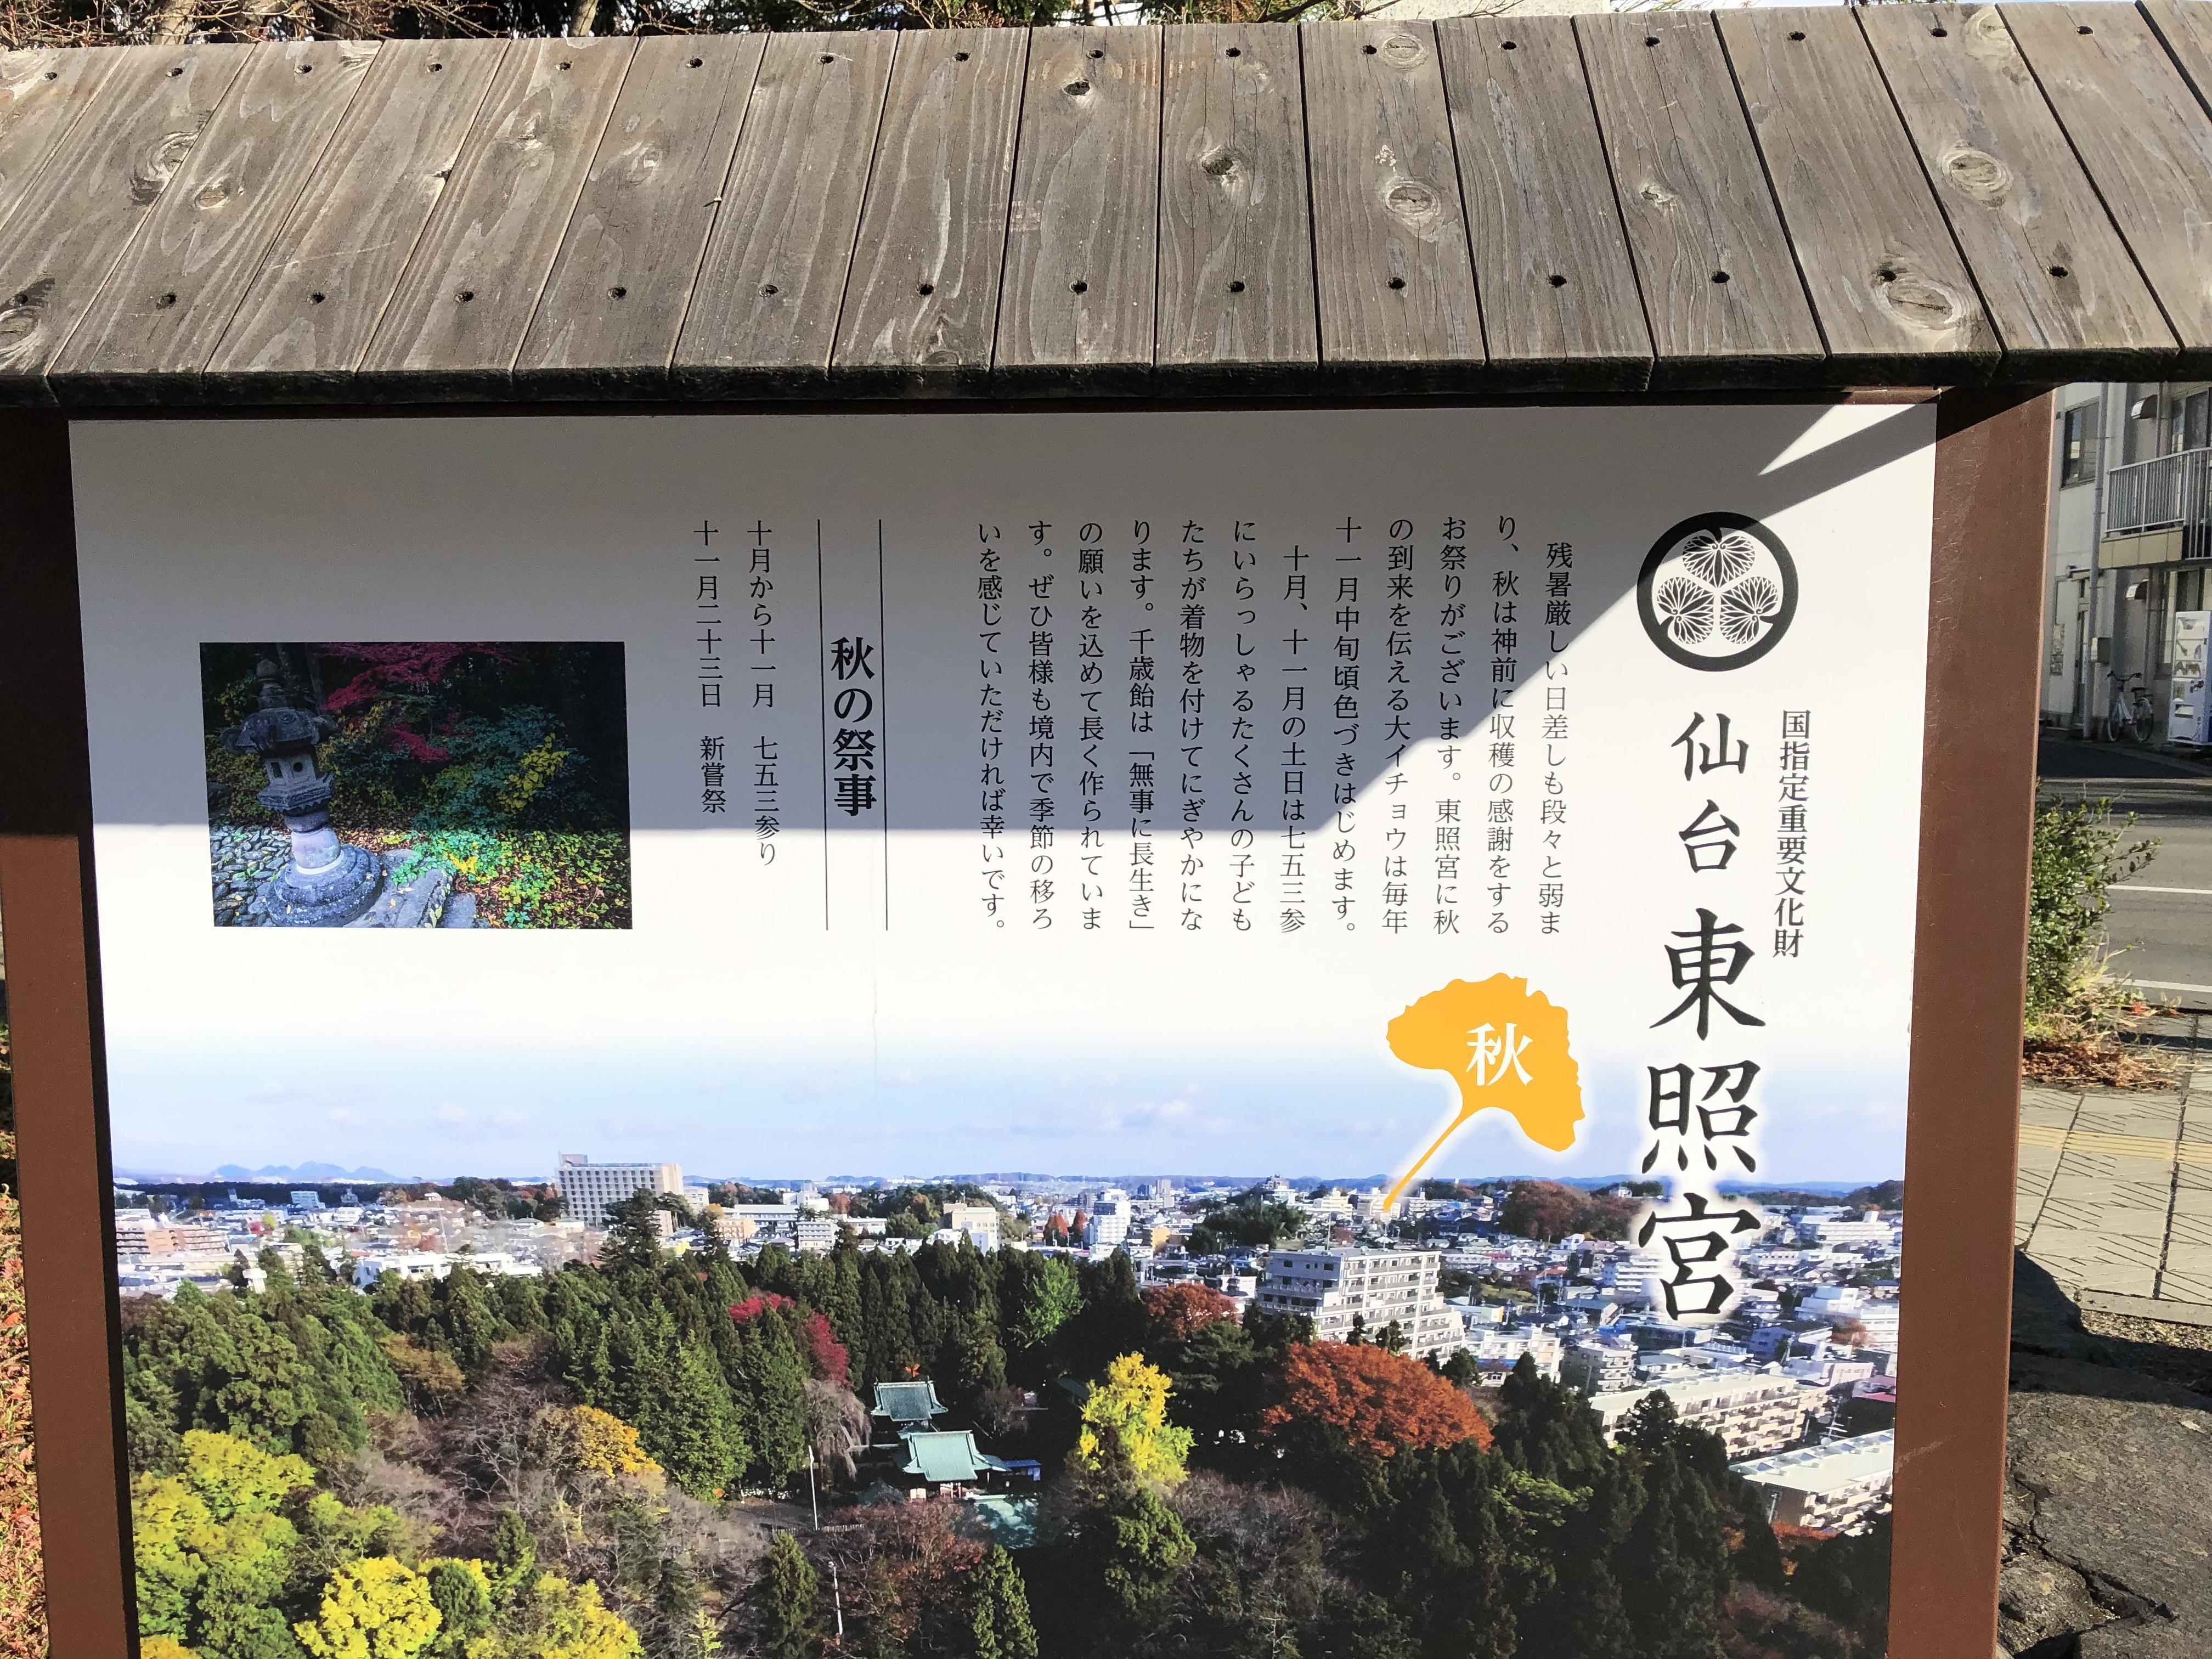 仙台東照宮の歴史